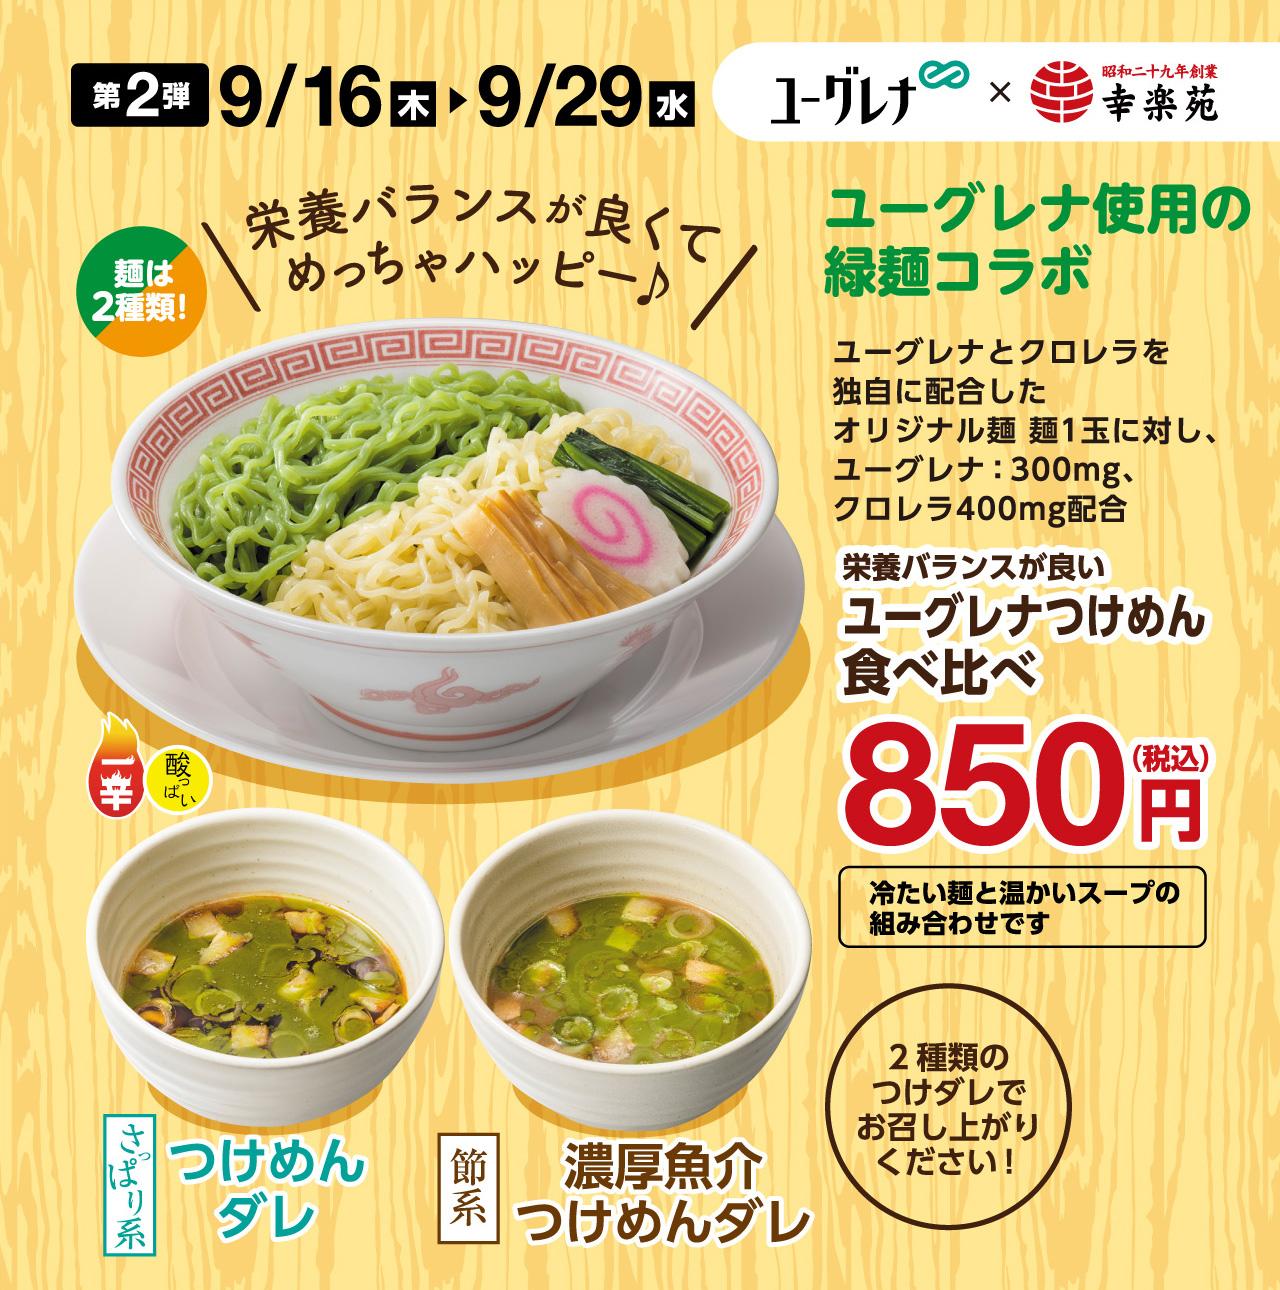 第2弾9/16(木)から9/29(水) 麺は2種類!栄養バランスが良くてめっちゃハッピー♪ユーグレナ使用の緑麺コラボユーグレナとクロレラを独自に配合したオリジナル麺 麺1玉に対し、ユーグレナ:300mg、クロレラ400mg配合 栄養バランスが良いユーグレナつけめん食べ比べ 850円(税込)冷たい麺と温かいスープの組み合わせです